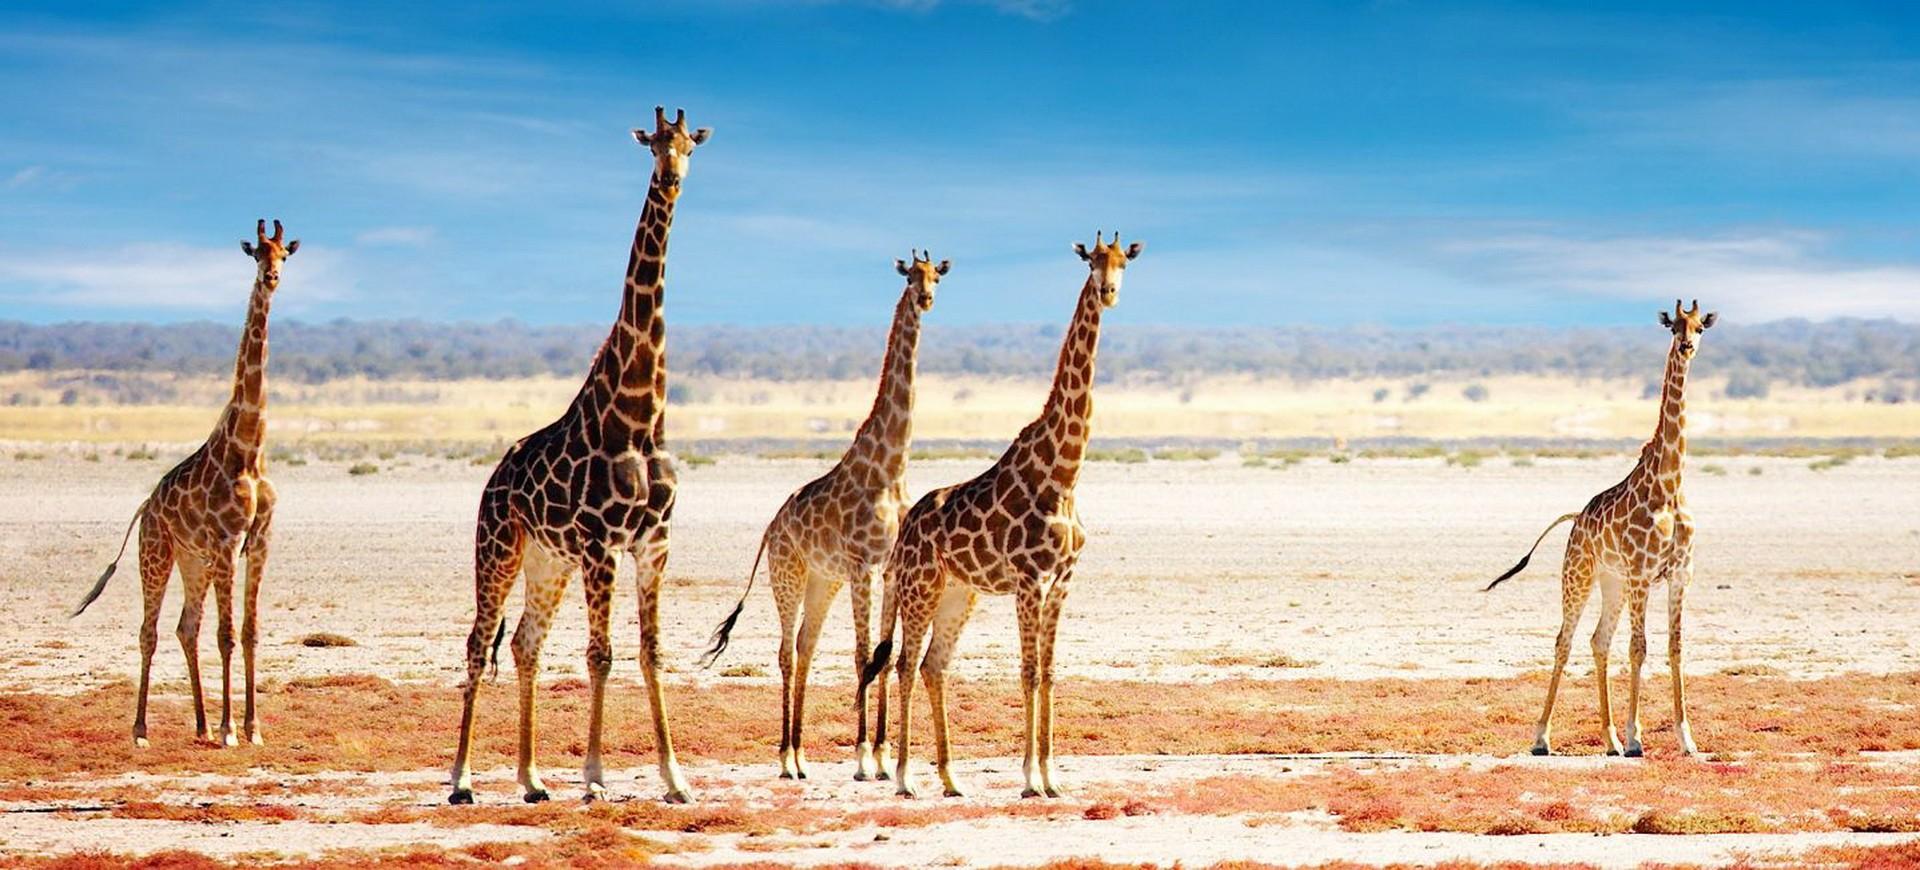 Namibie Estosha National Parc